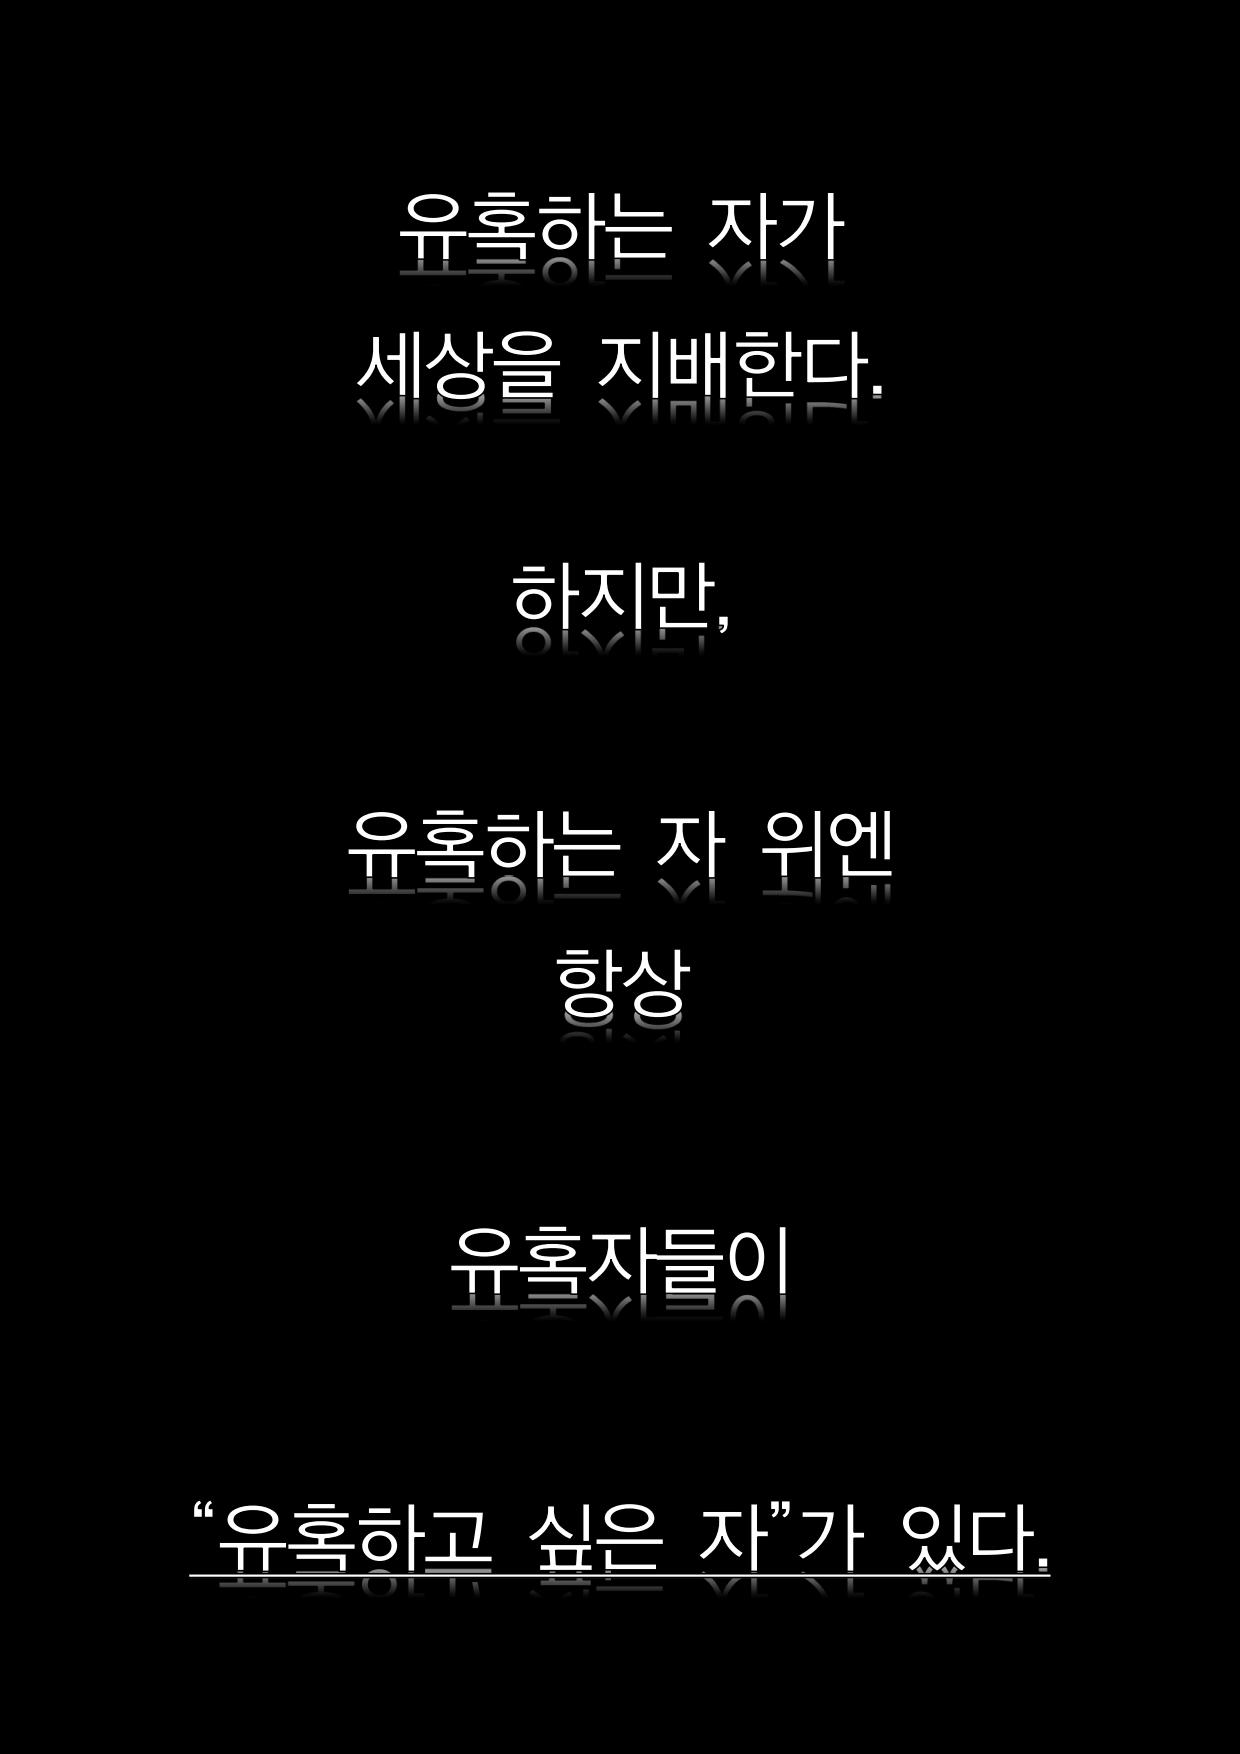 본 머티리어 1회차 홍보글(폰트 포함)_48.png